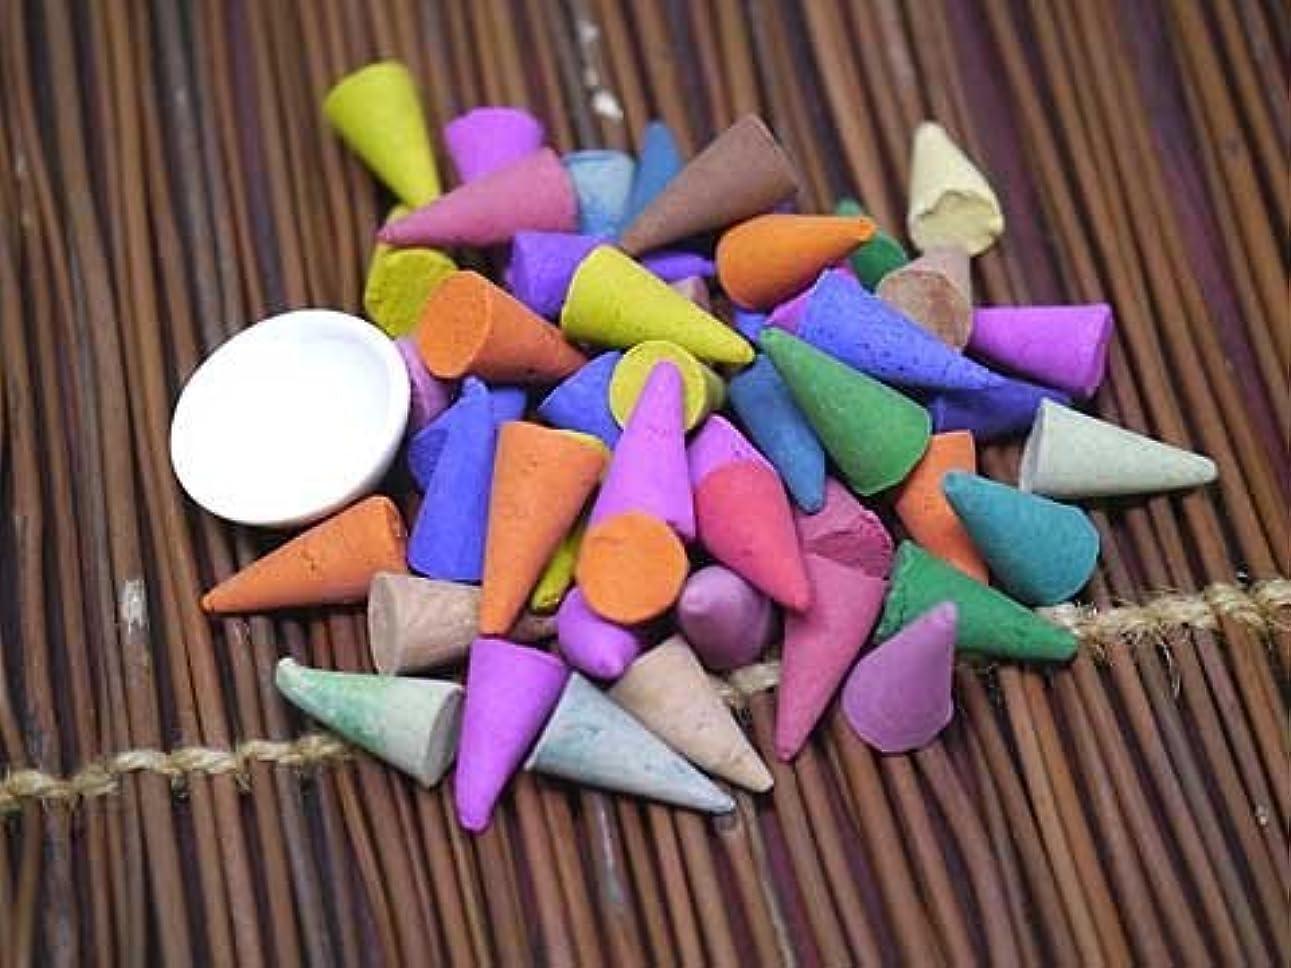 THAI INCENSE タイのコーン香ミックスアソートお香皿付き 披露宴などのプチプレゼントにも最適 フレグランス系の香り